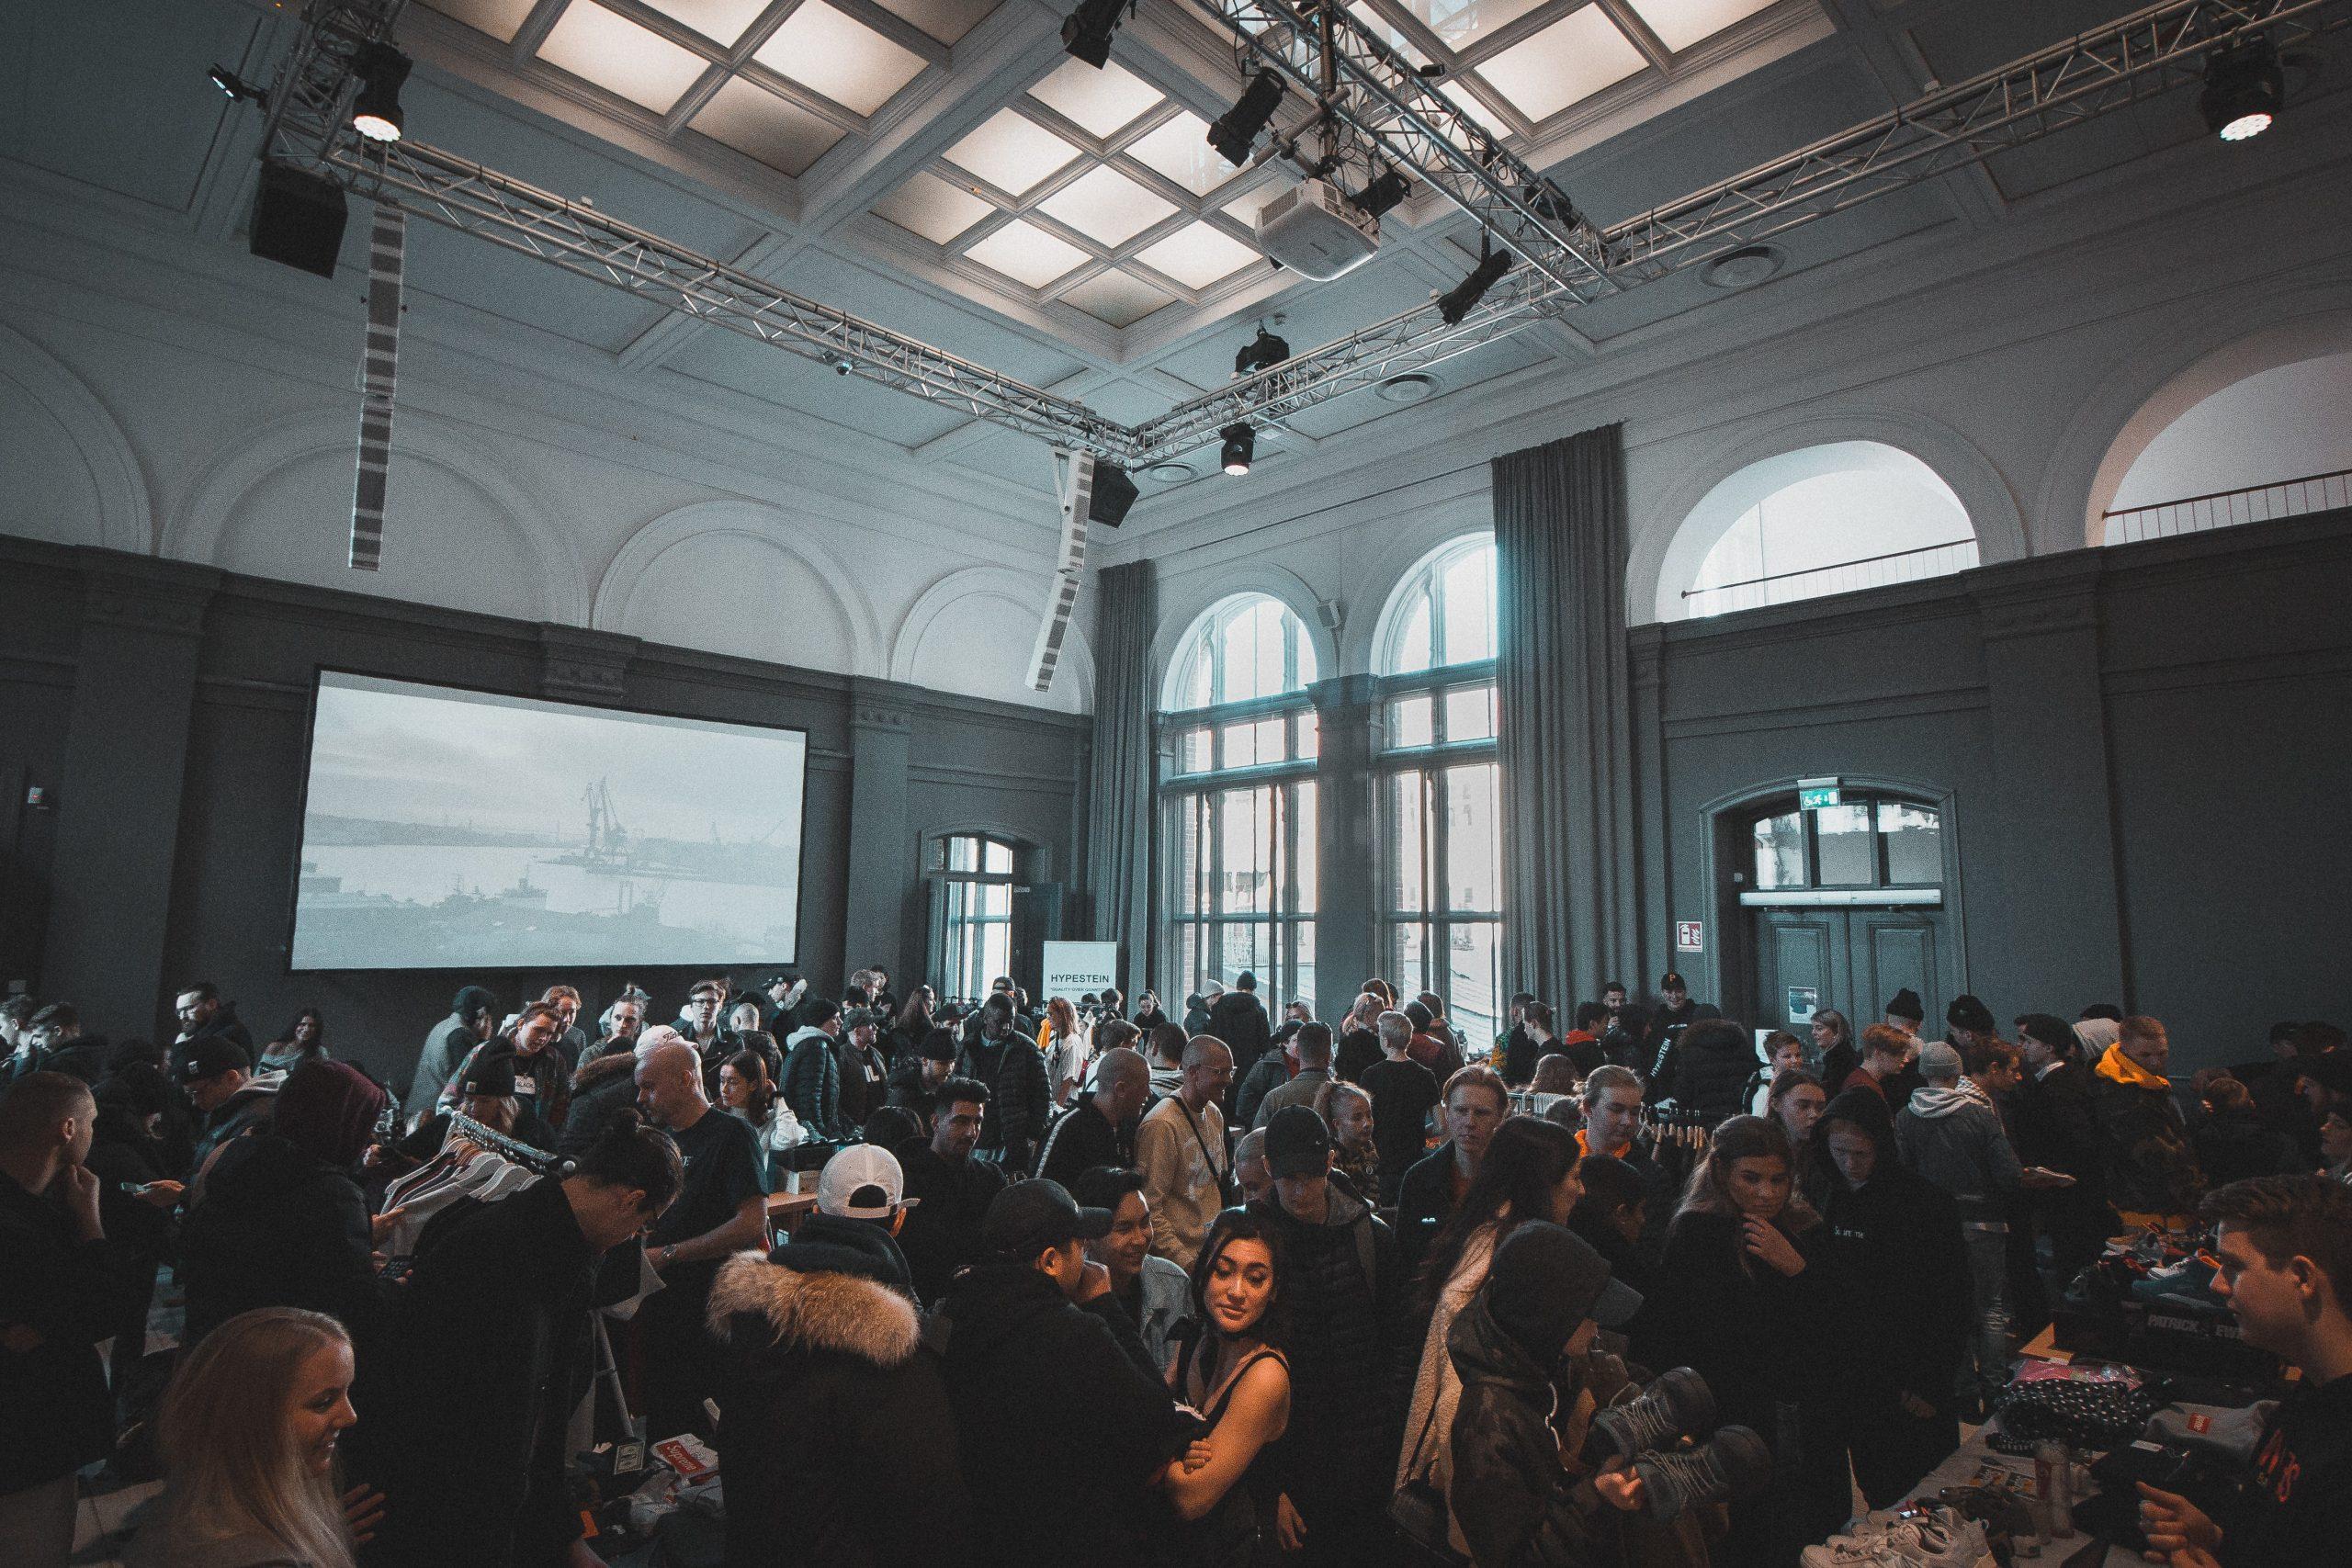 Evenimente în București în weekendul 7 - 8 august. Spectacole de teatru, concerte sau expoziții la care putem merge